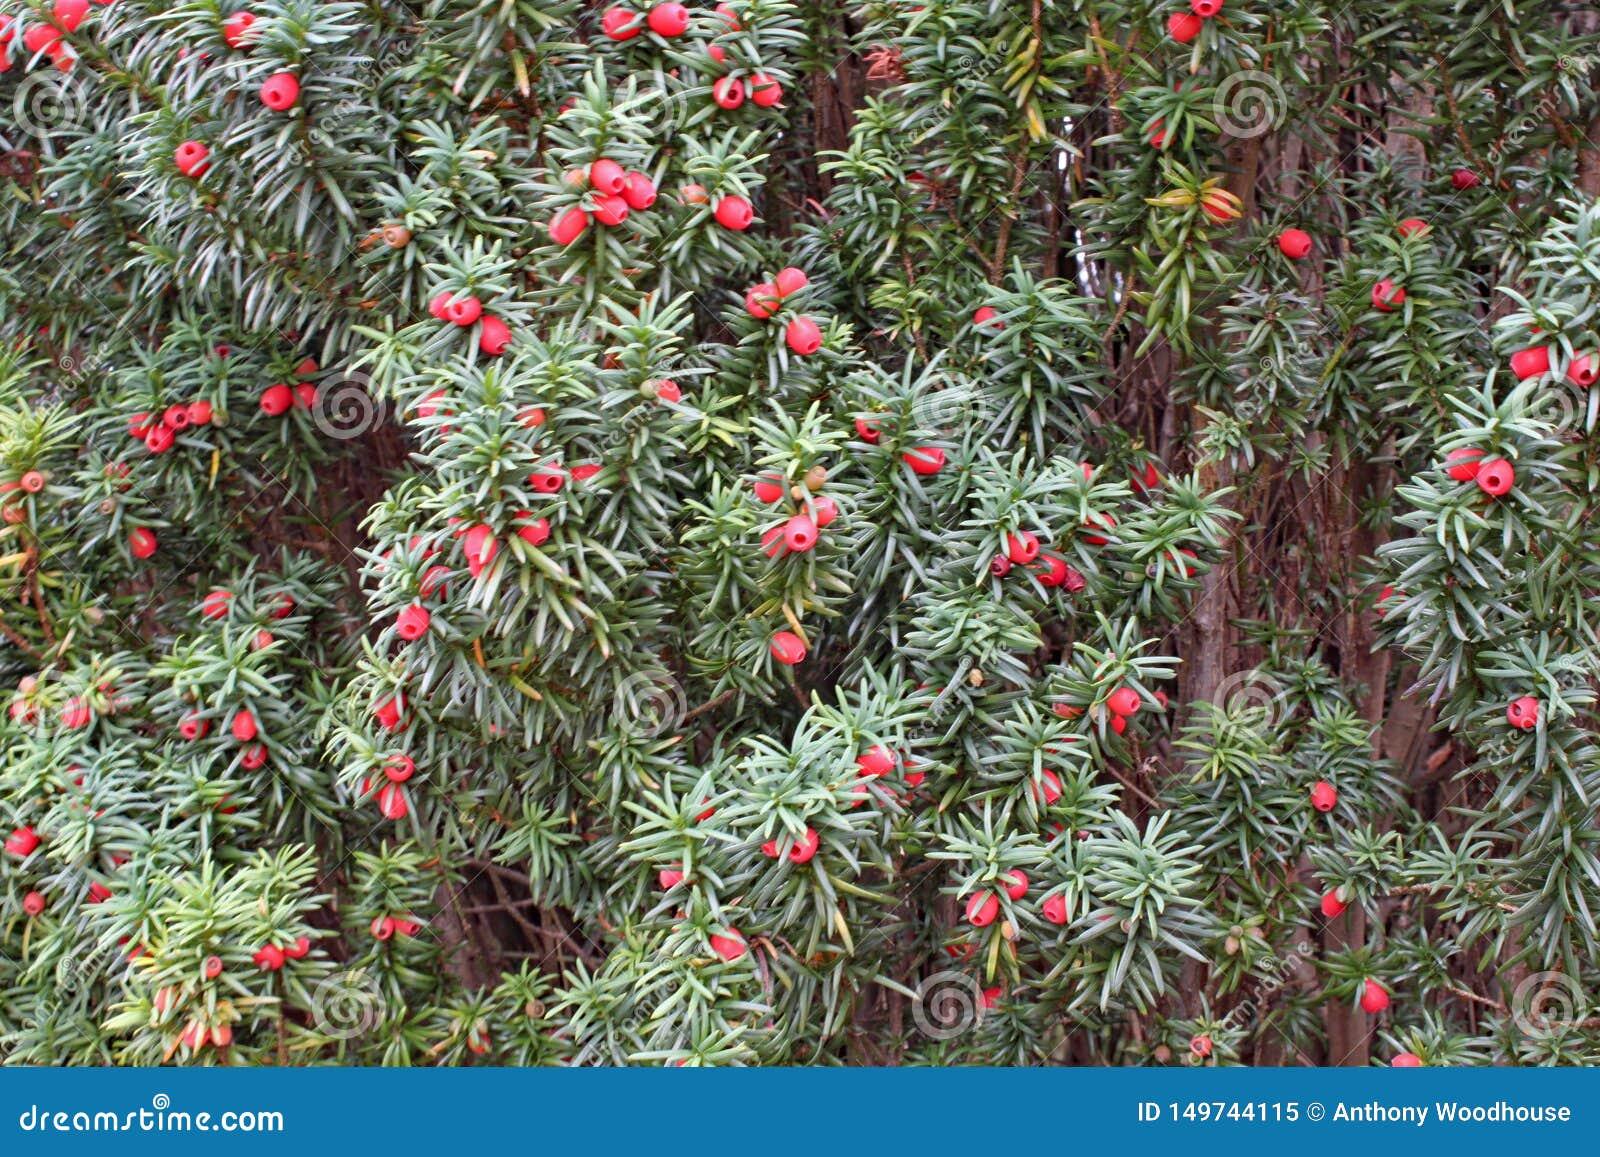 赤柏松生长在树的树莓果大量